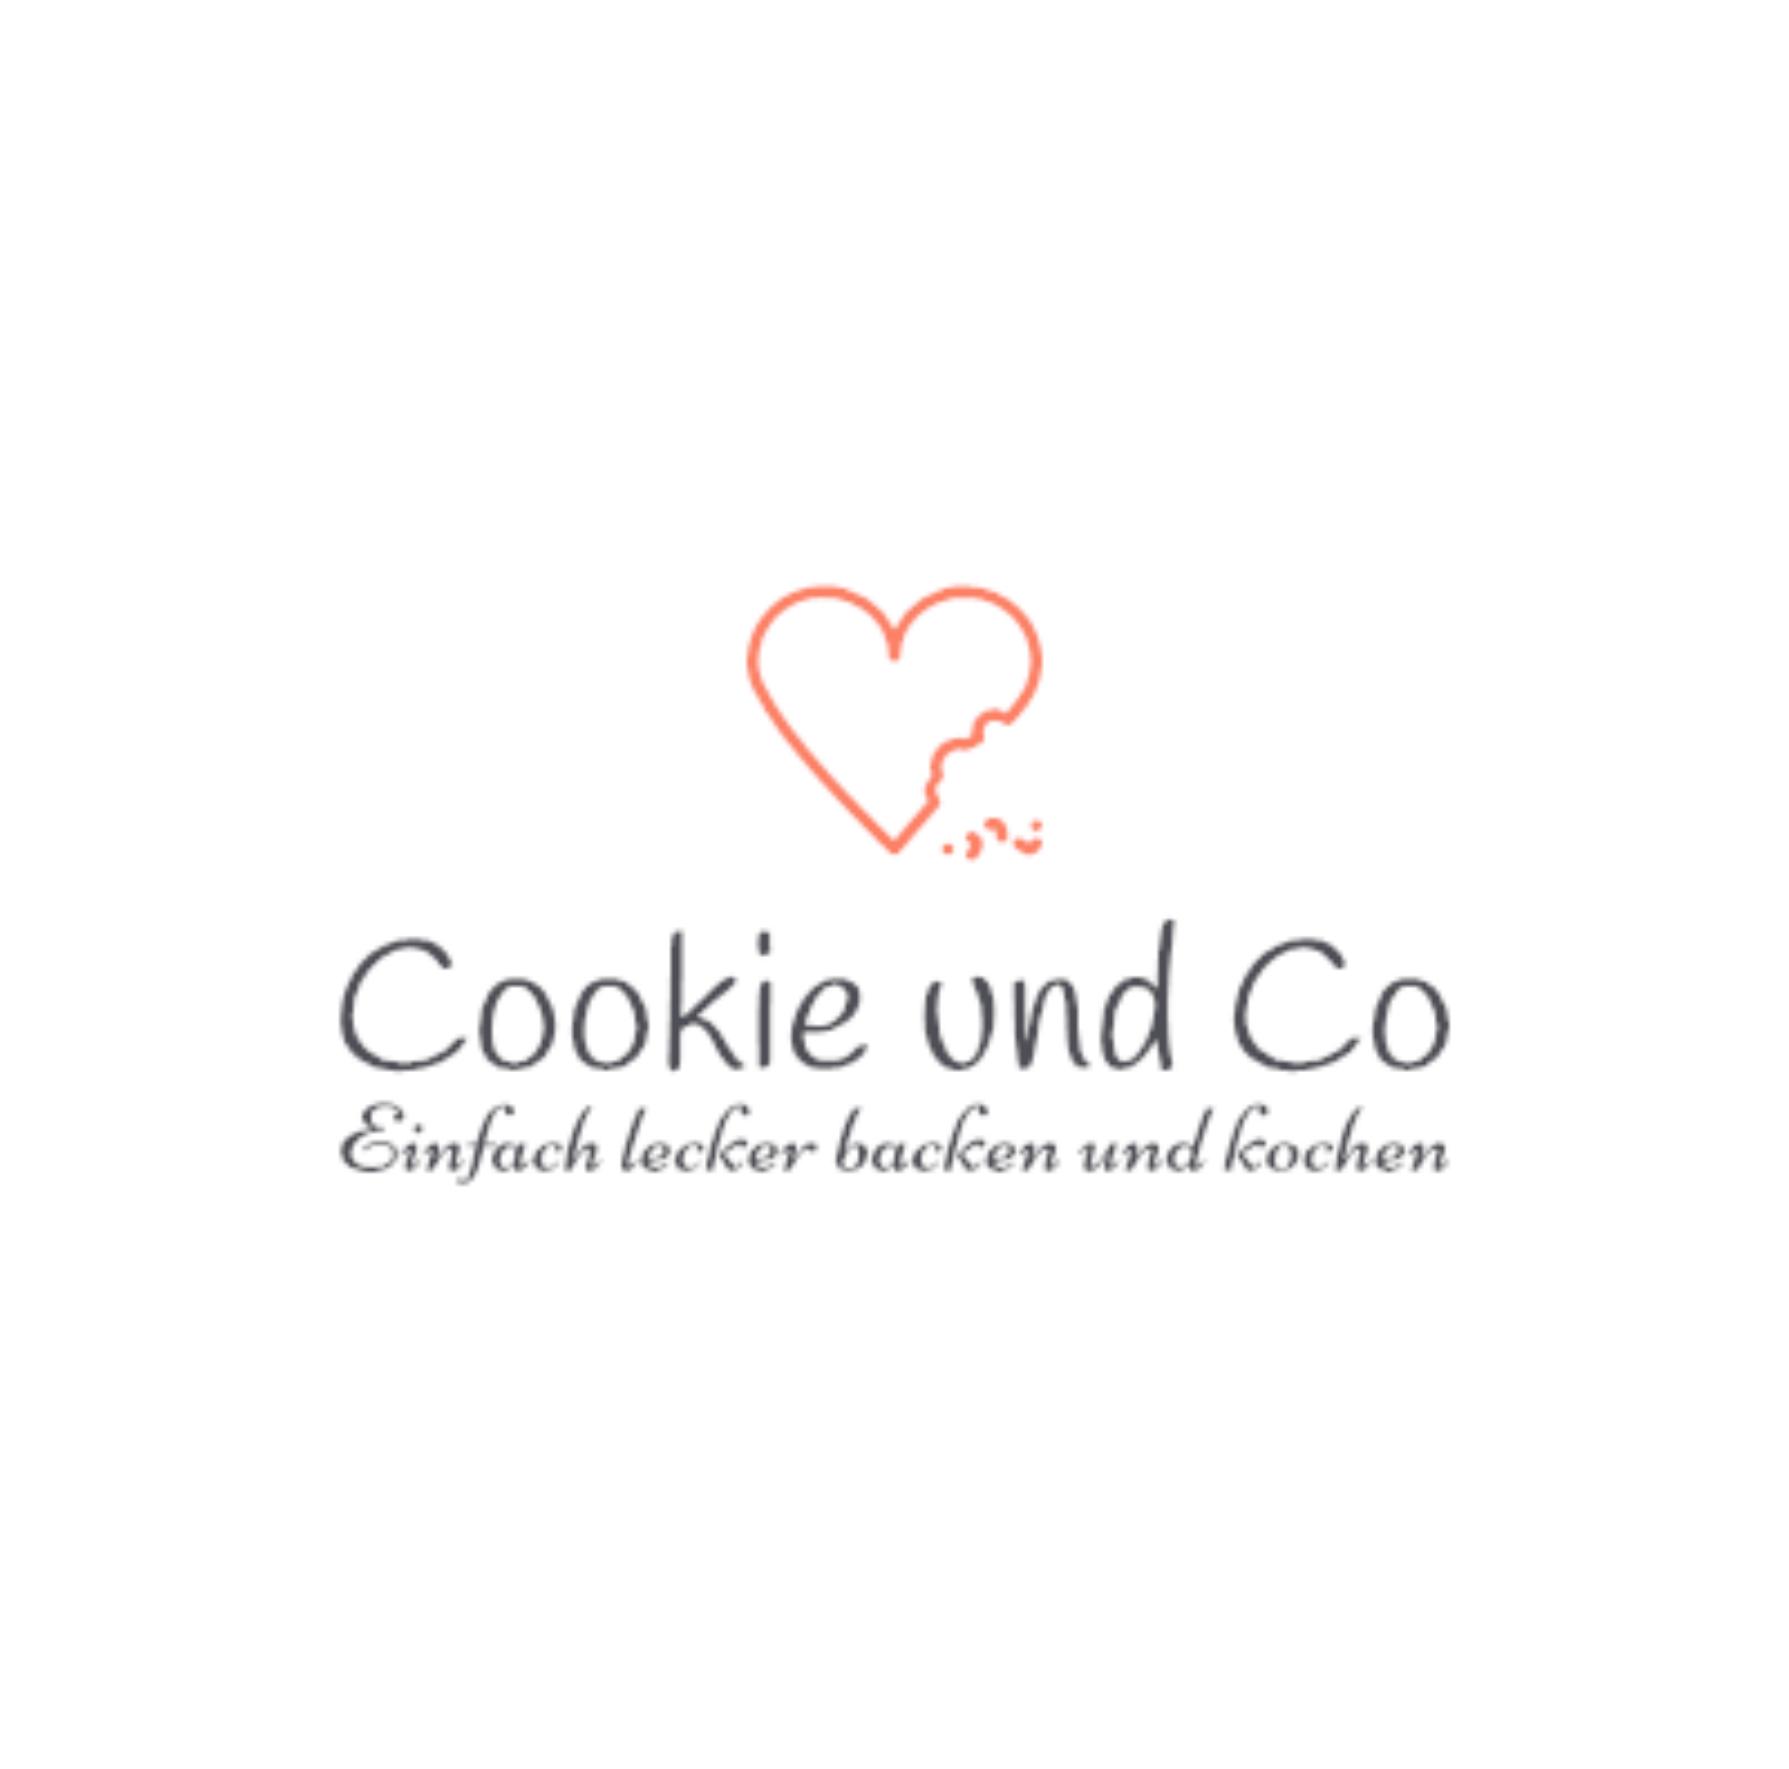 Cookie und Co